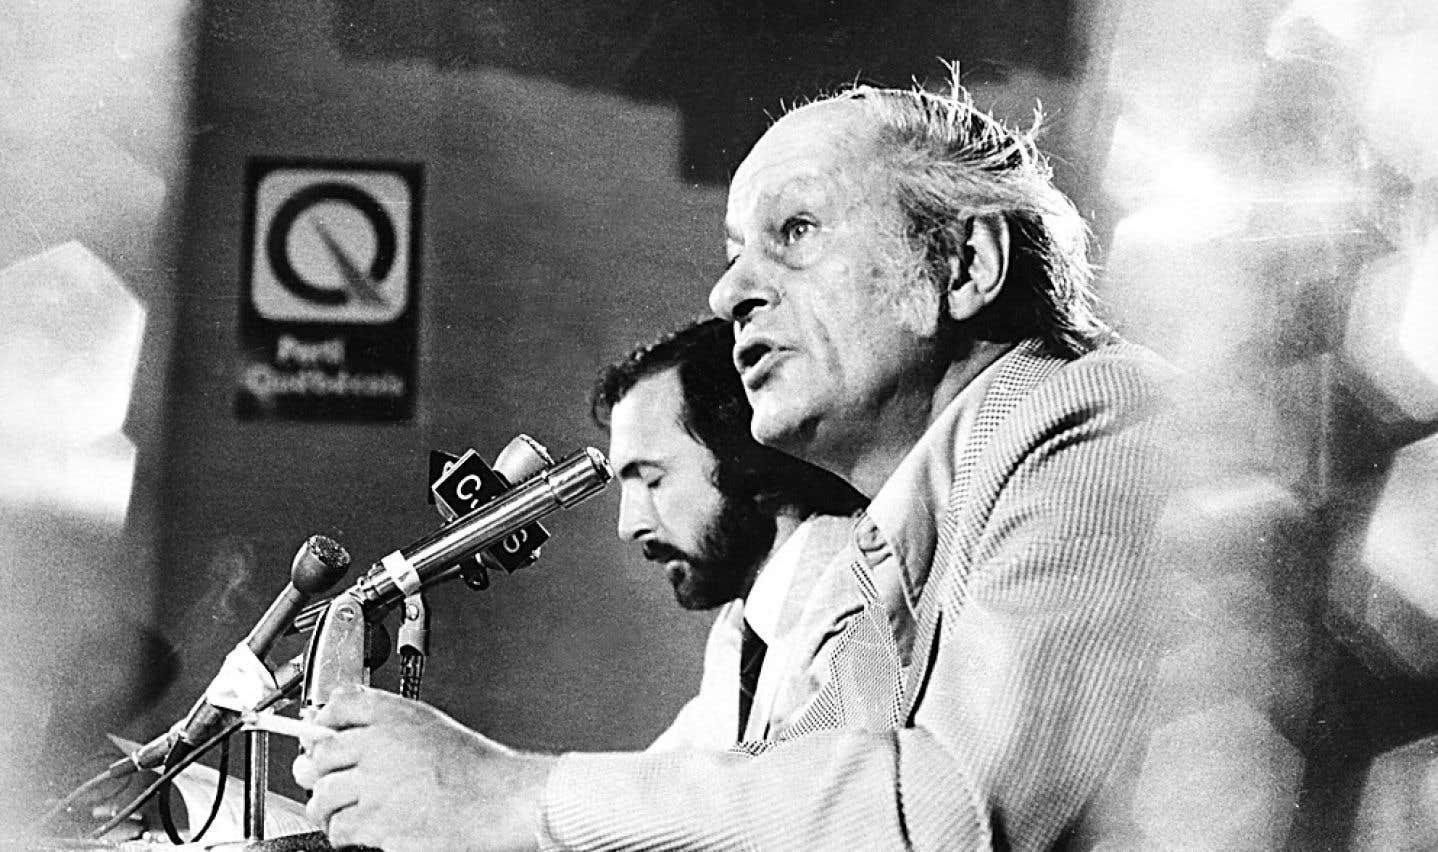 Le legs le plus important de René Lévesque a sans aucun doute été la création du Parti québécois, mais surtout de dire aux Québécois qu'ils avaient le droit de décider de leur avenir.